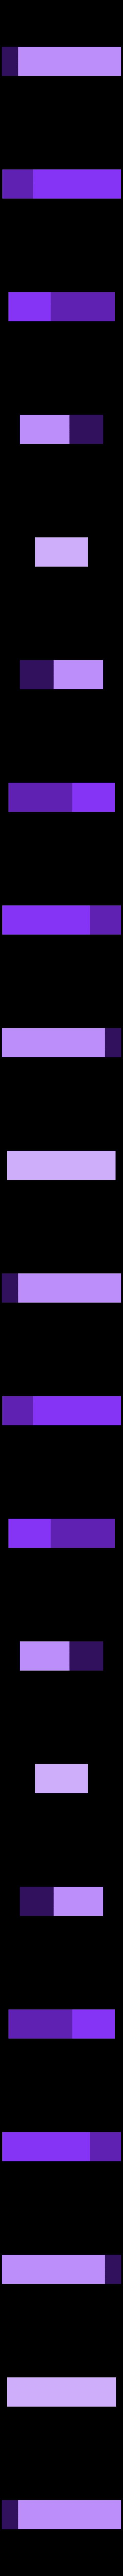 vis_planche.stl Download free STL file Tubes4shelves v1.0 • 3D printing model, KaptainPoiscaille